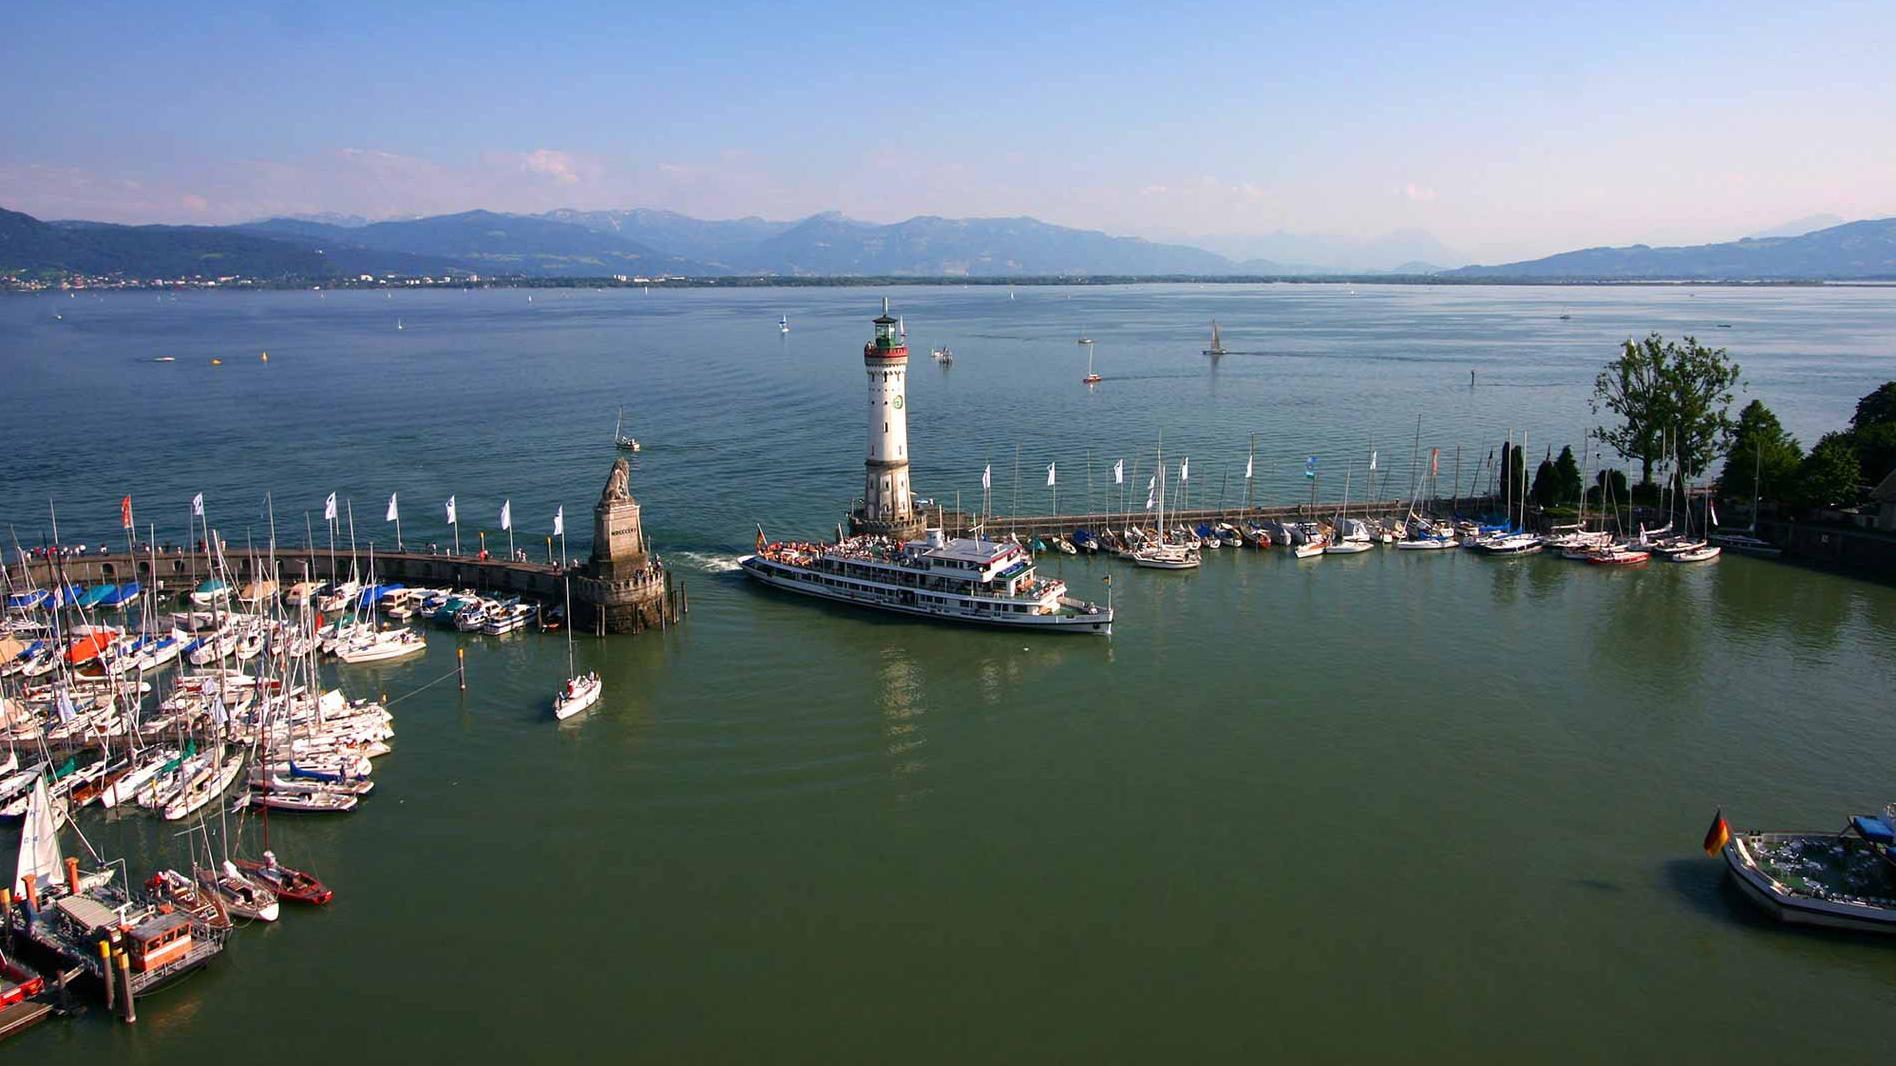 Ferien & Urlaub am Bodensee | bodenseeferien.de